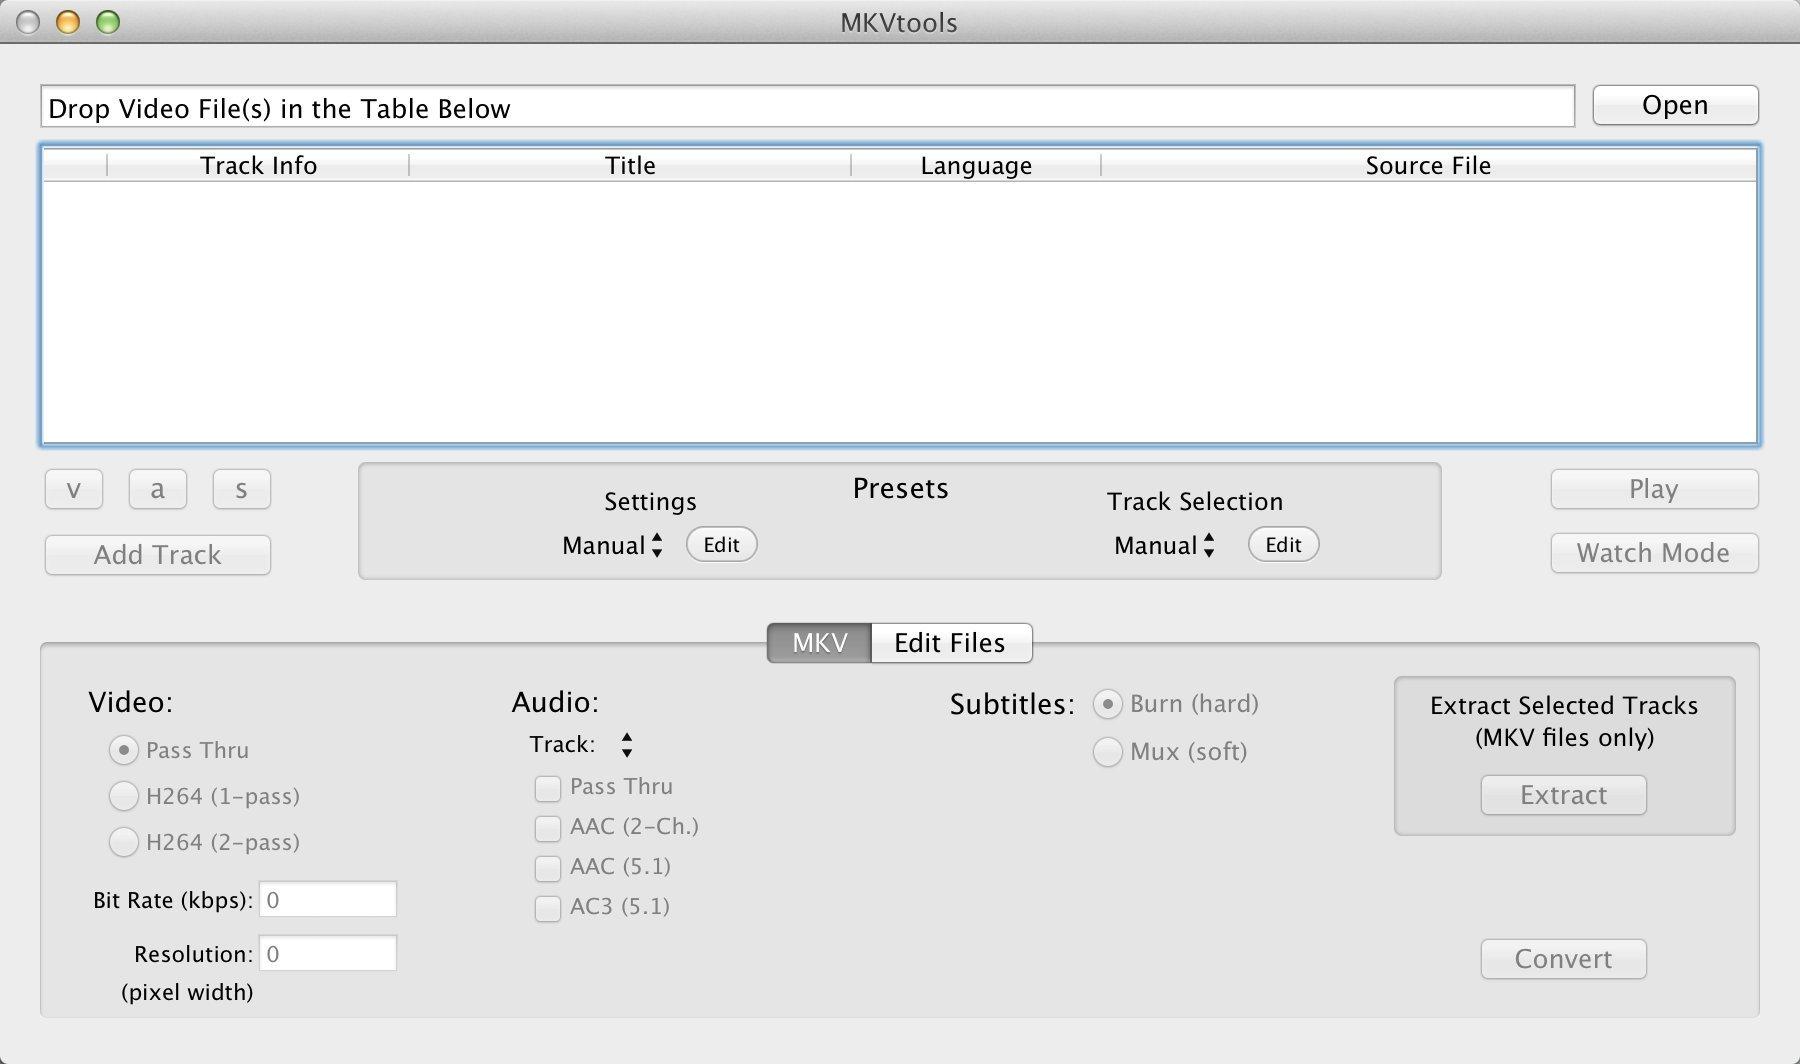 mkvtoolnix mac 10.6